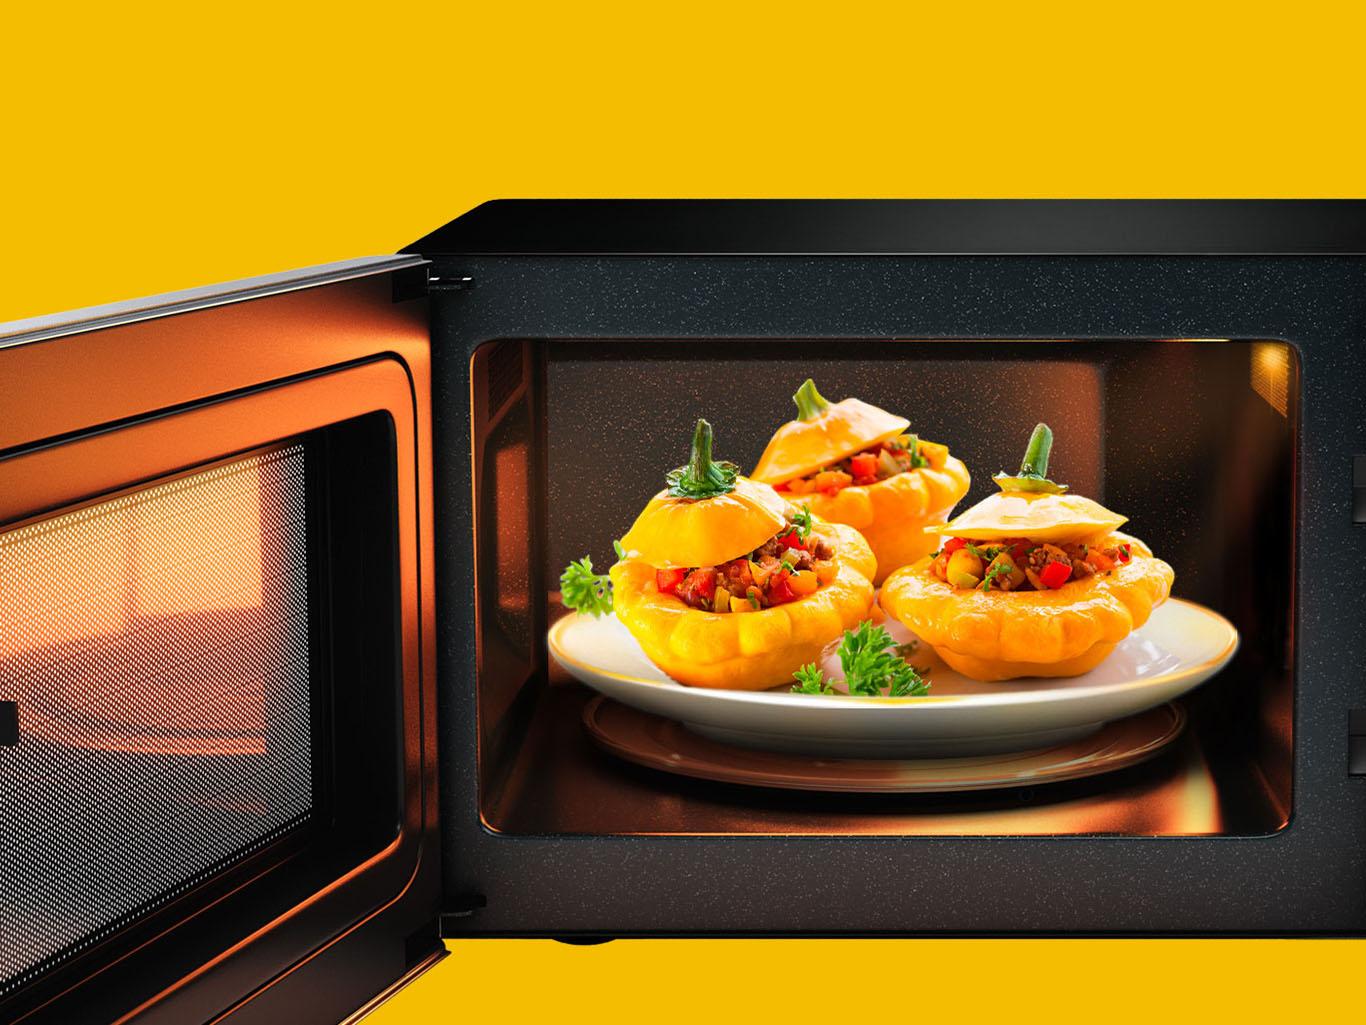 10 мифов и заблюждений о микроволновых печах - блюдо в микроволновке